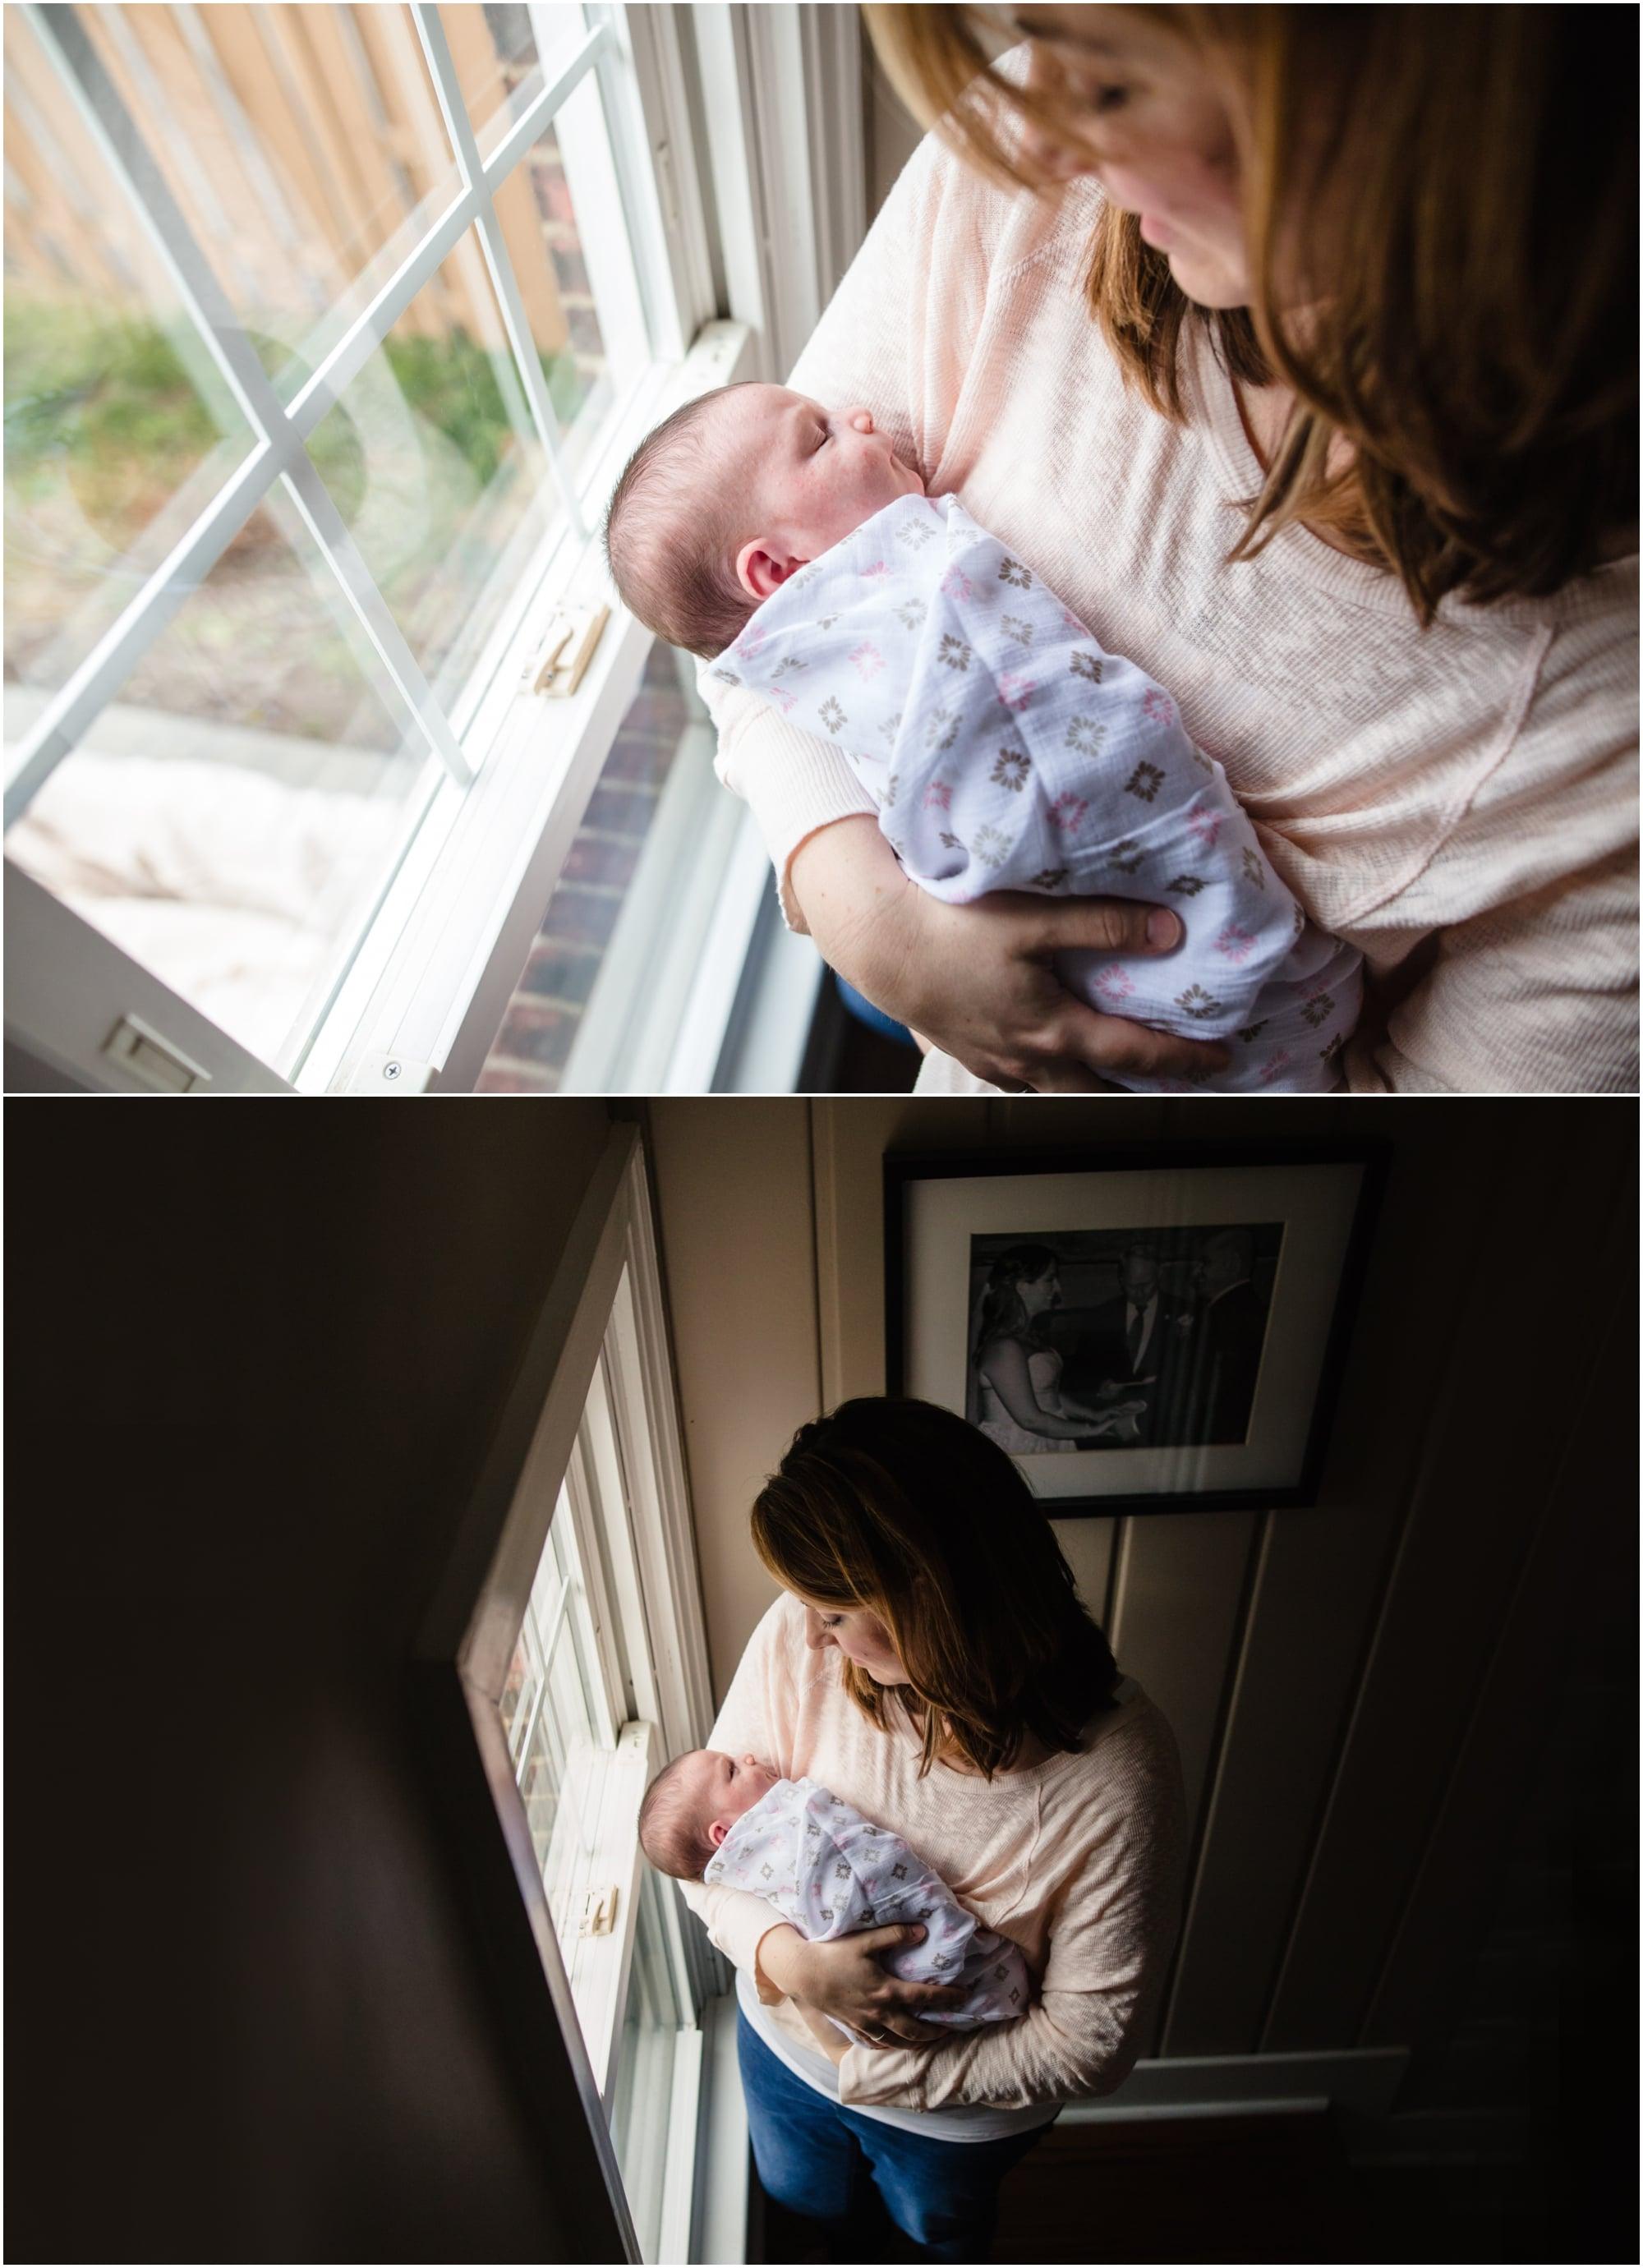 maria manco photography home newborn child family photographer cleveland ohio lifestyle family